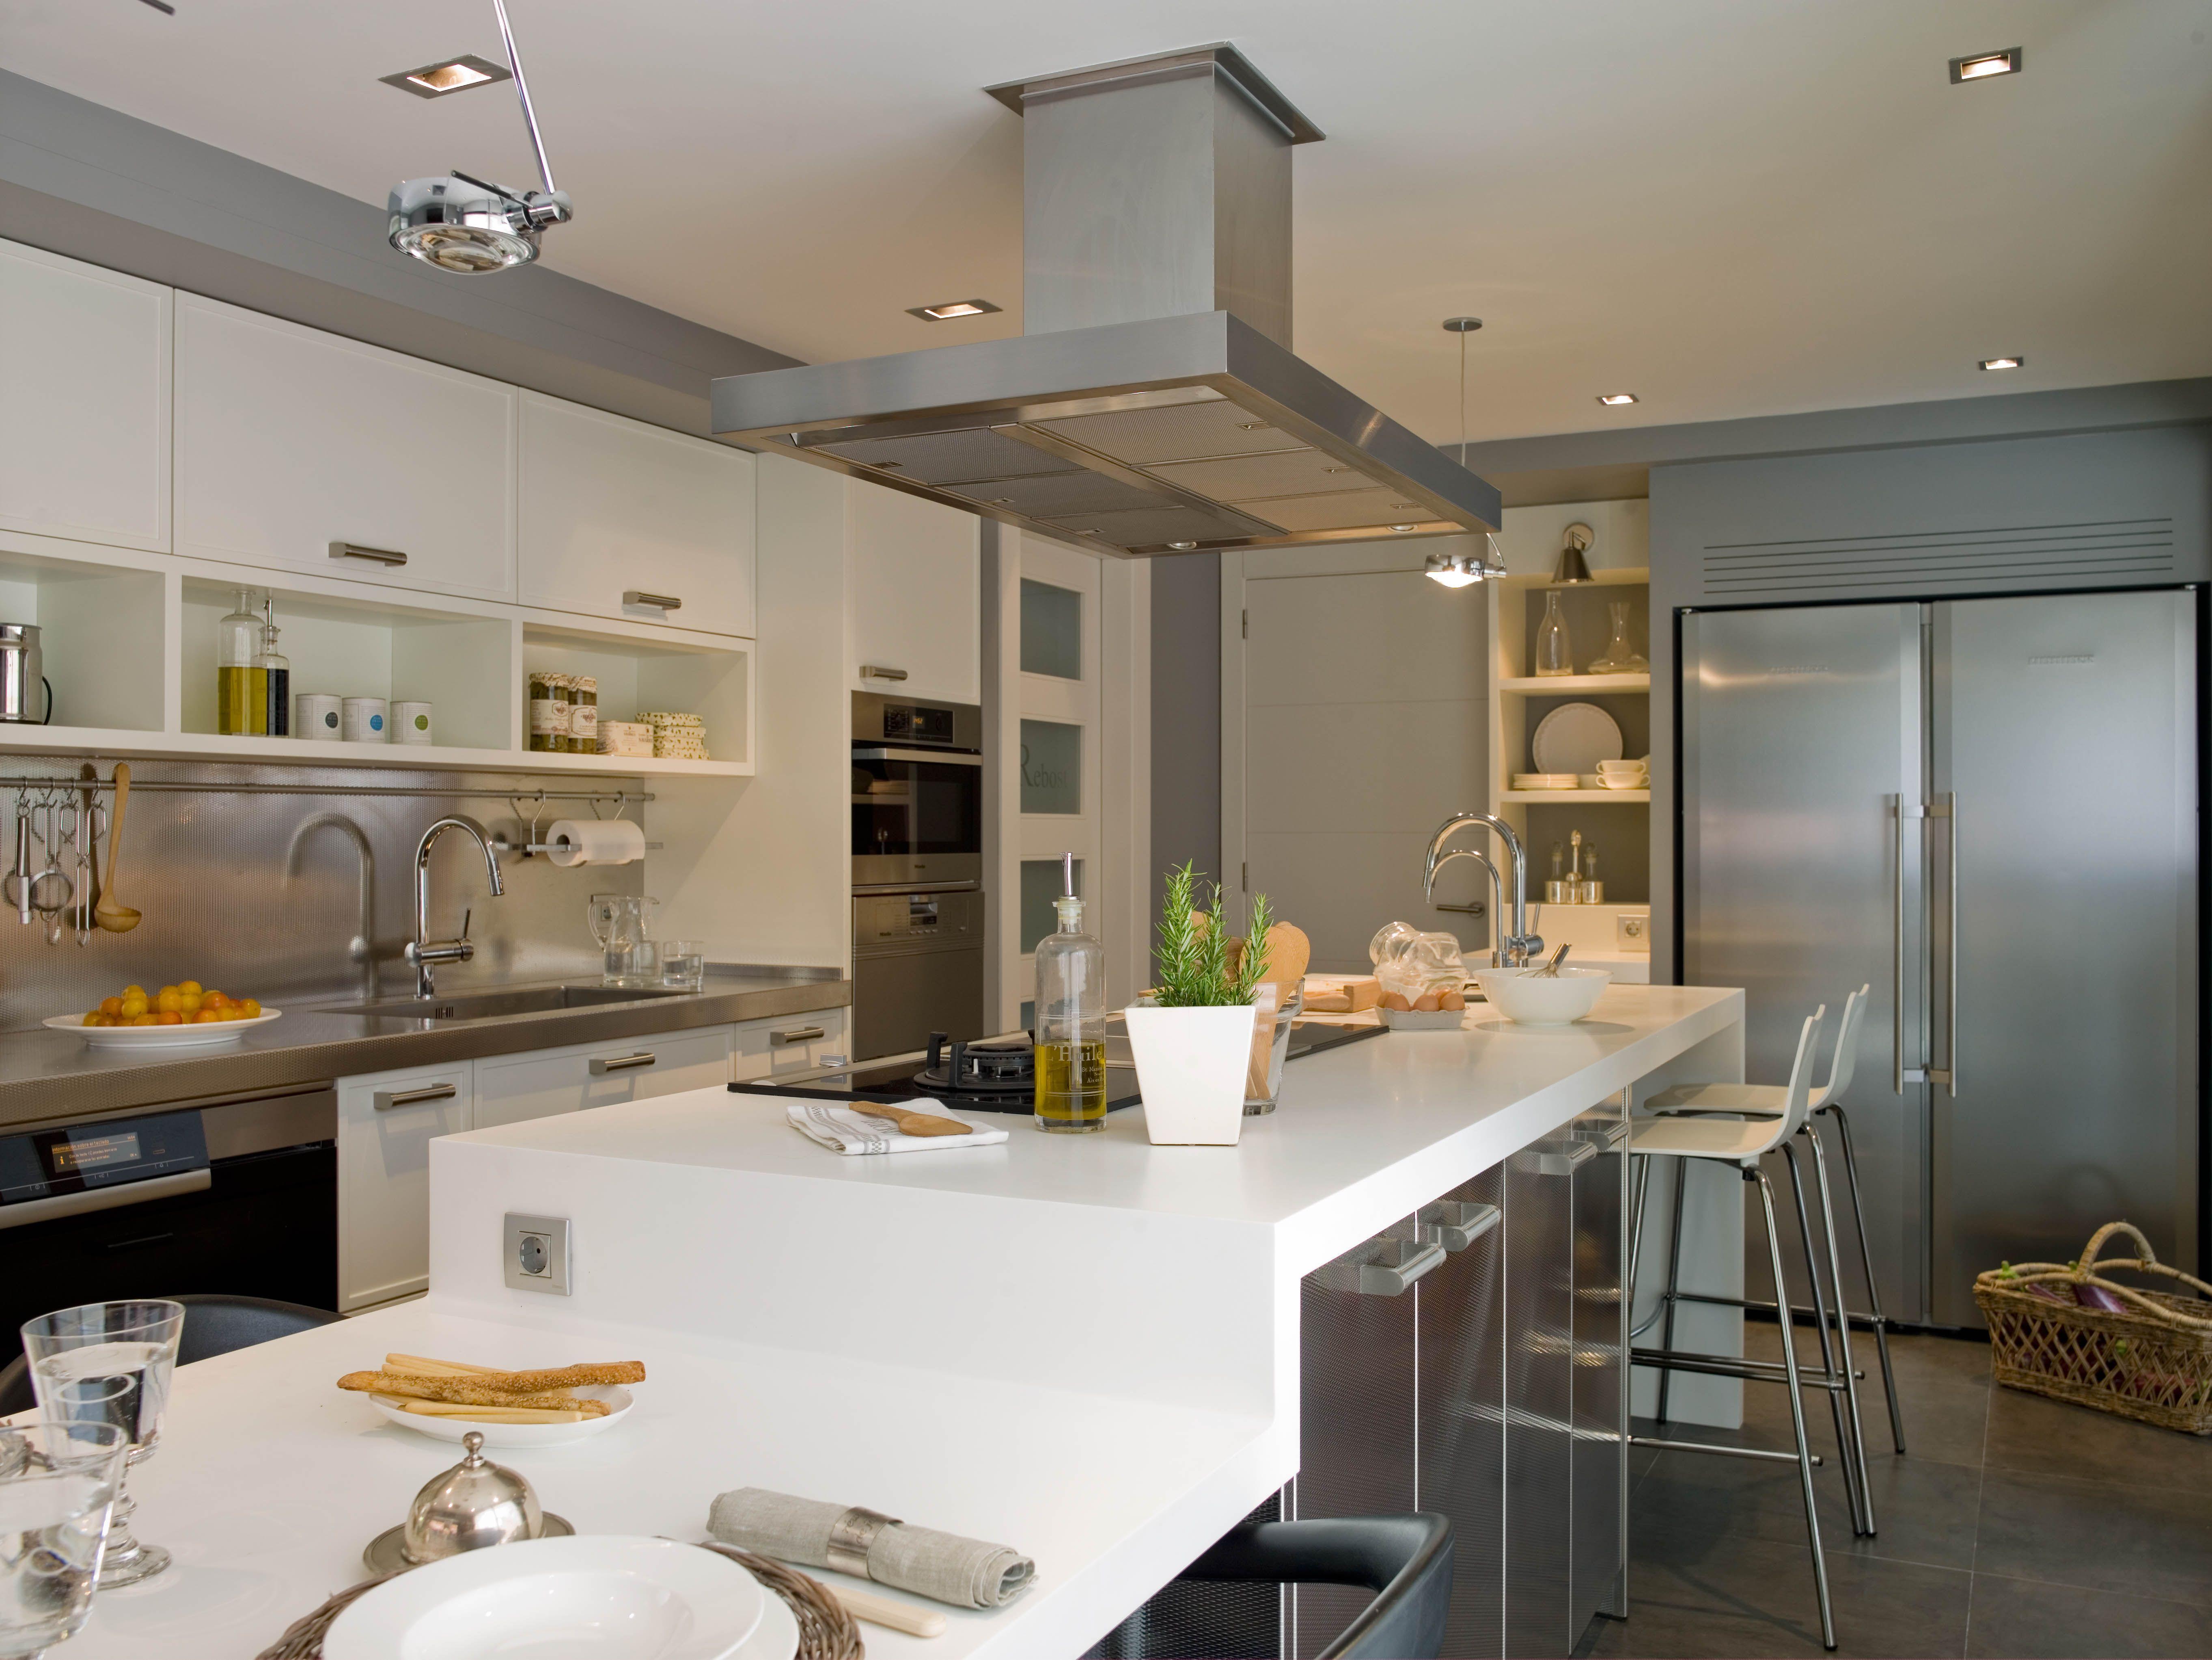 Cocina de dise o moderno equipada con electrodom sticos - Electrodomesticos de diseno ...